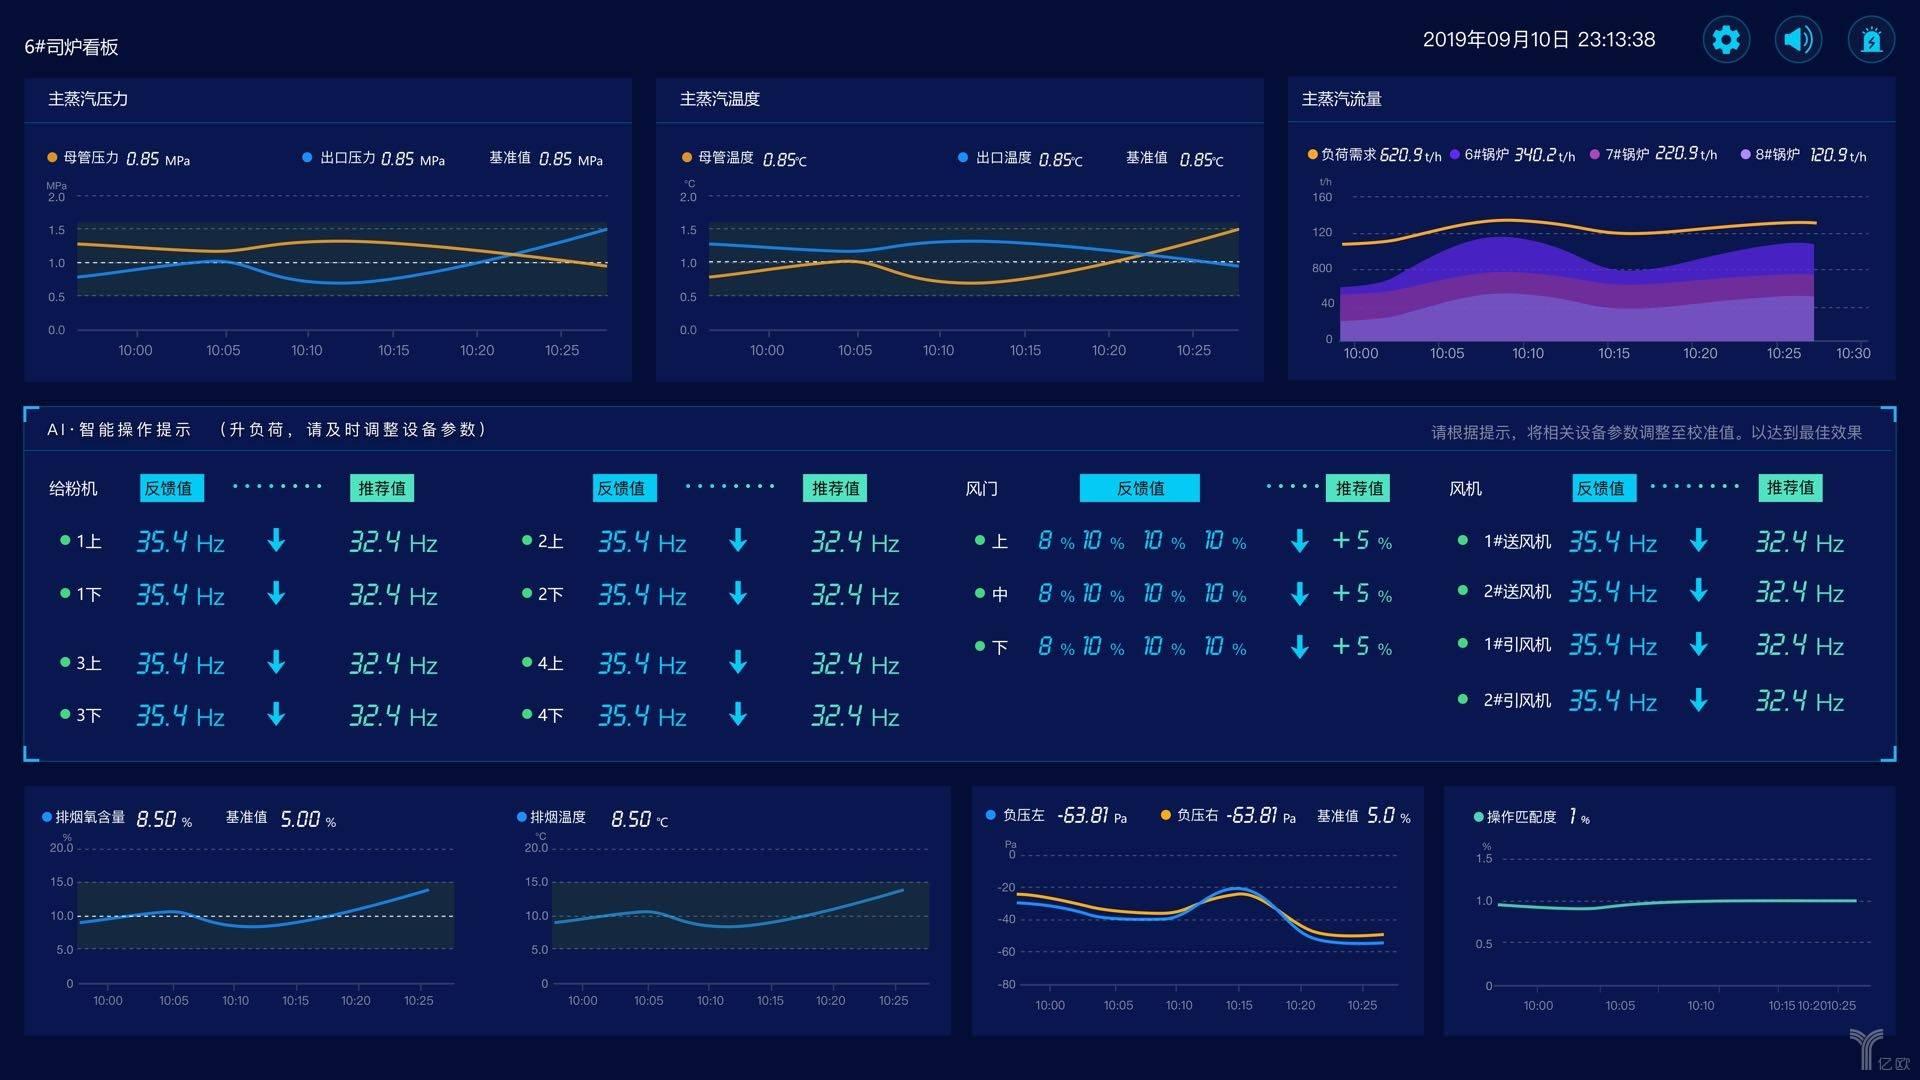 全应科技智慧热电工业互联网云计算平台